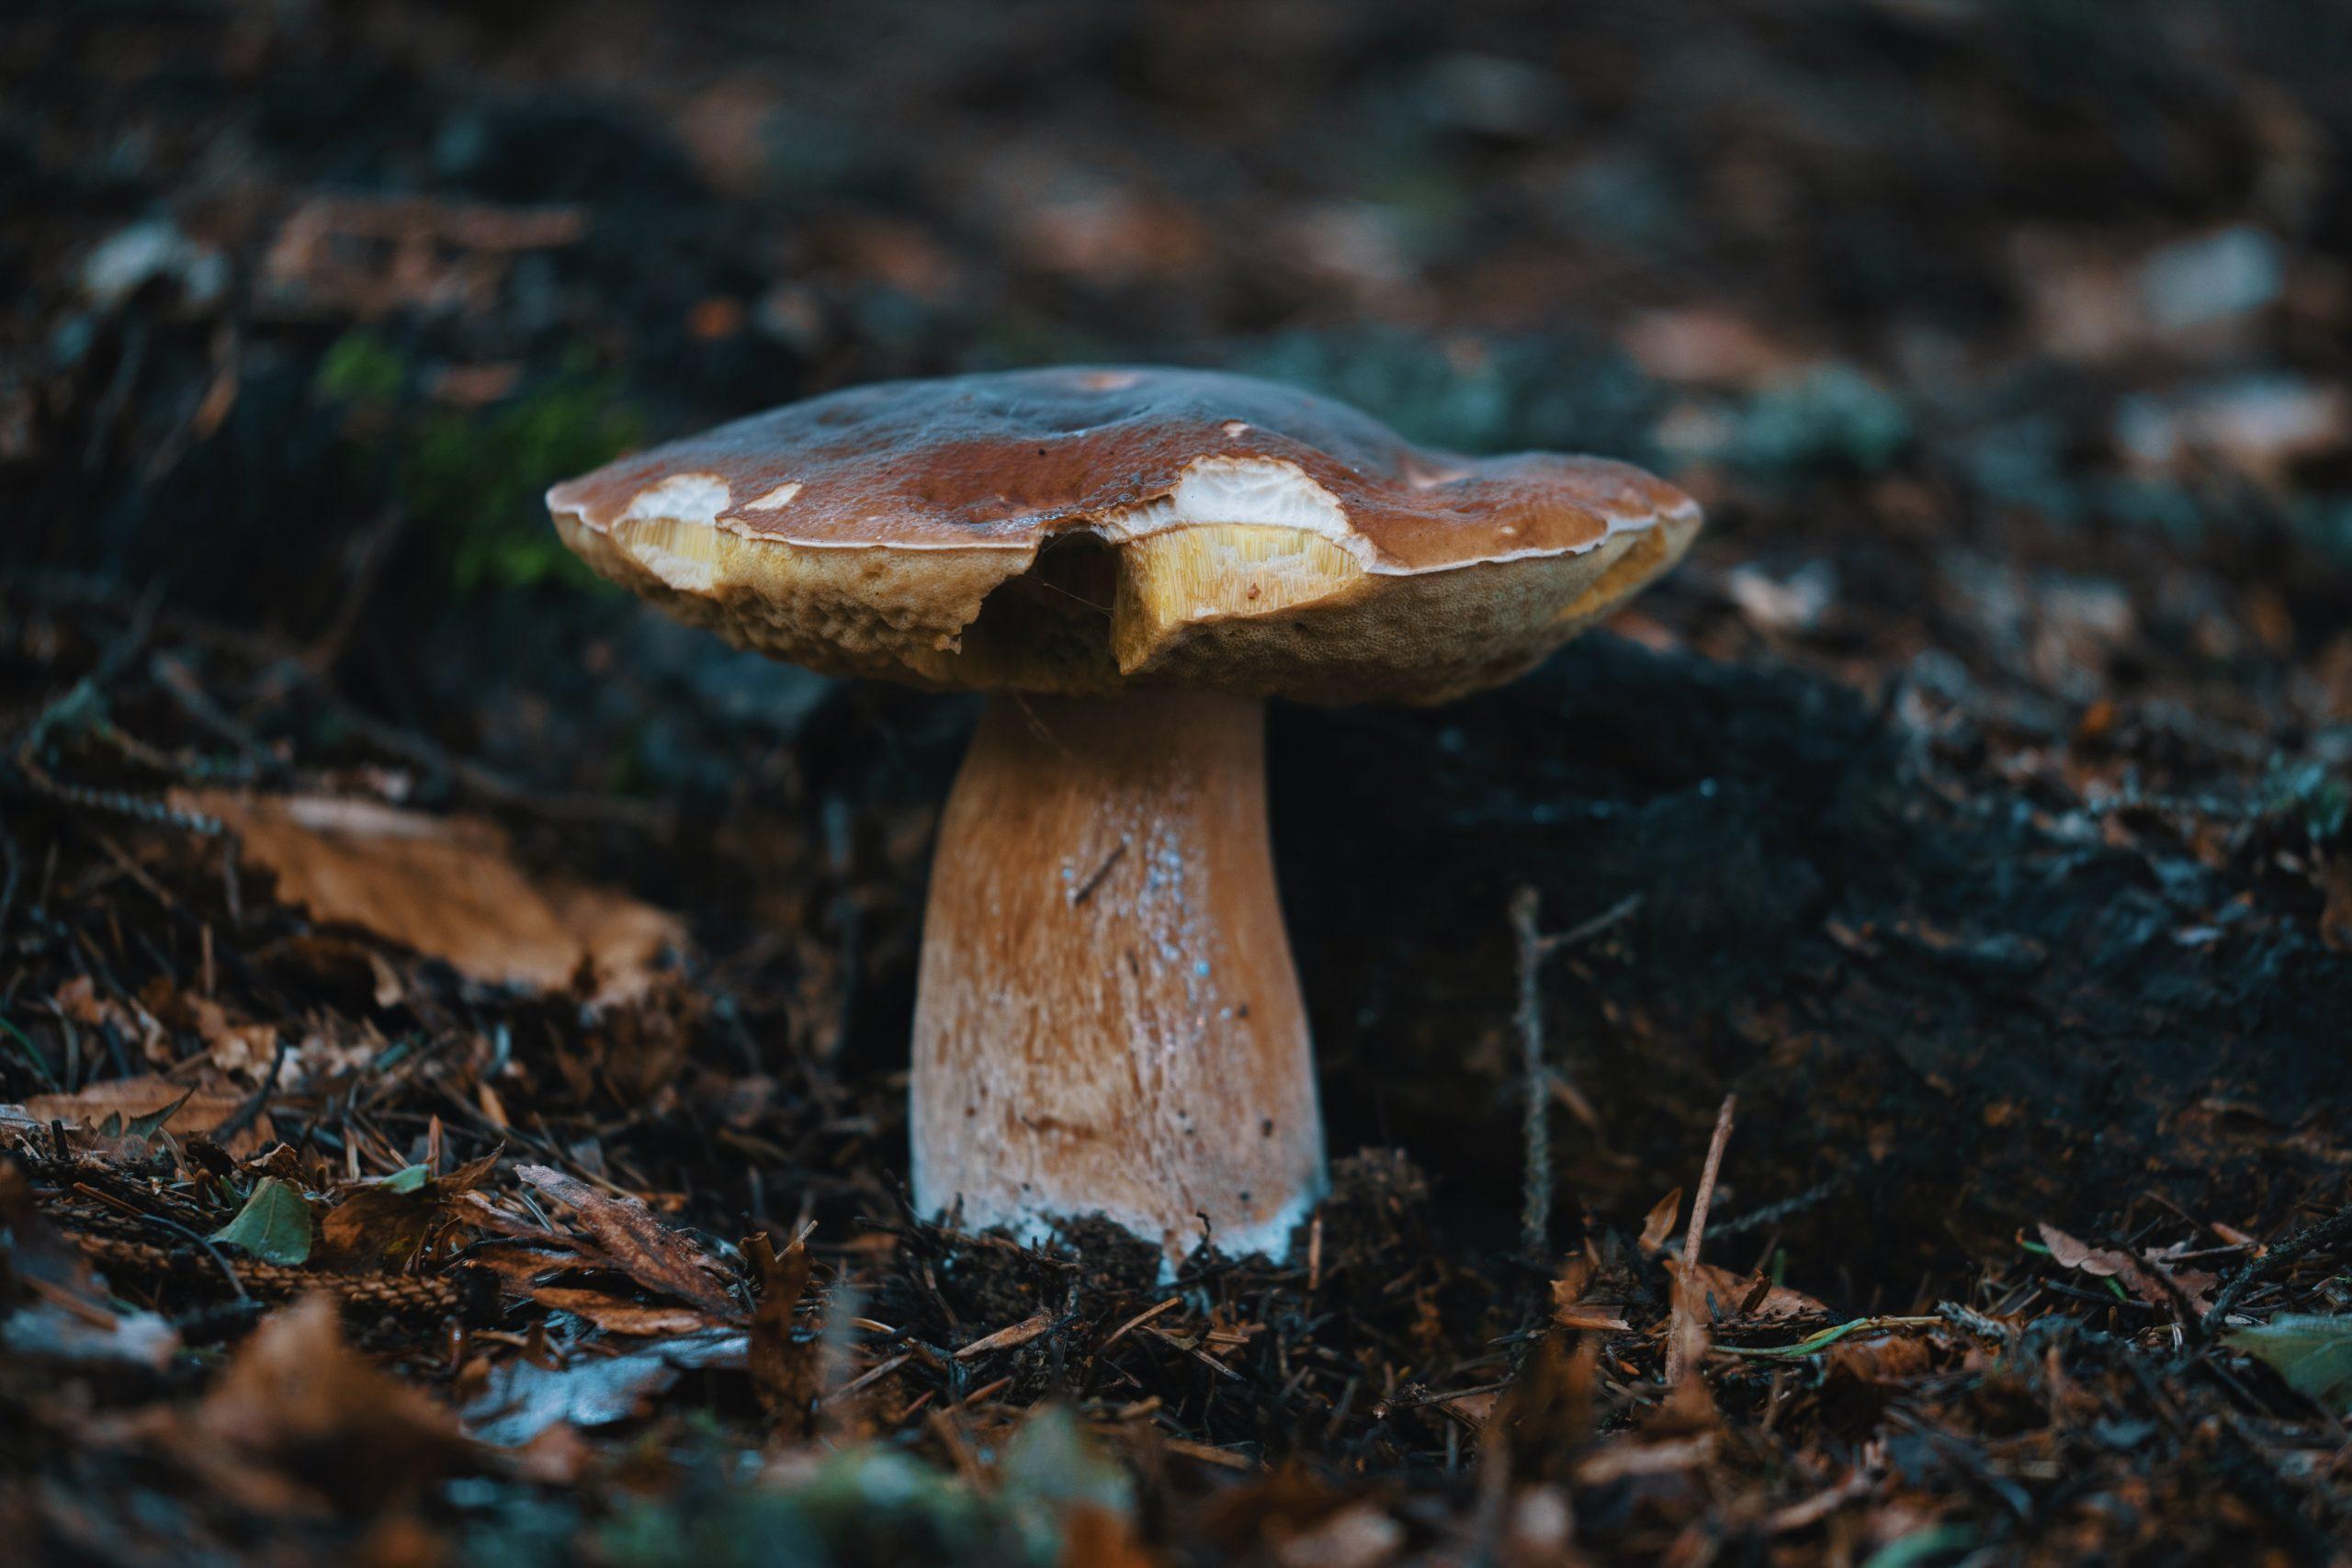 come-trovare-funghi-porcini